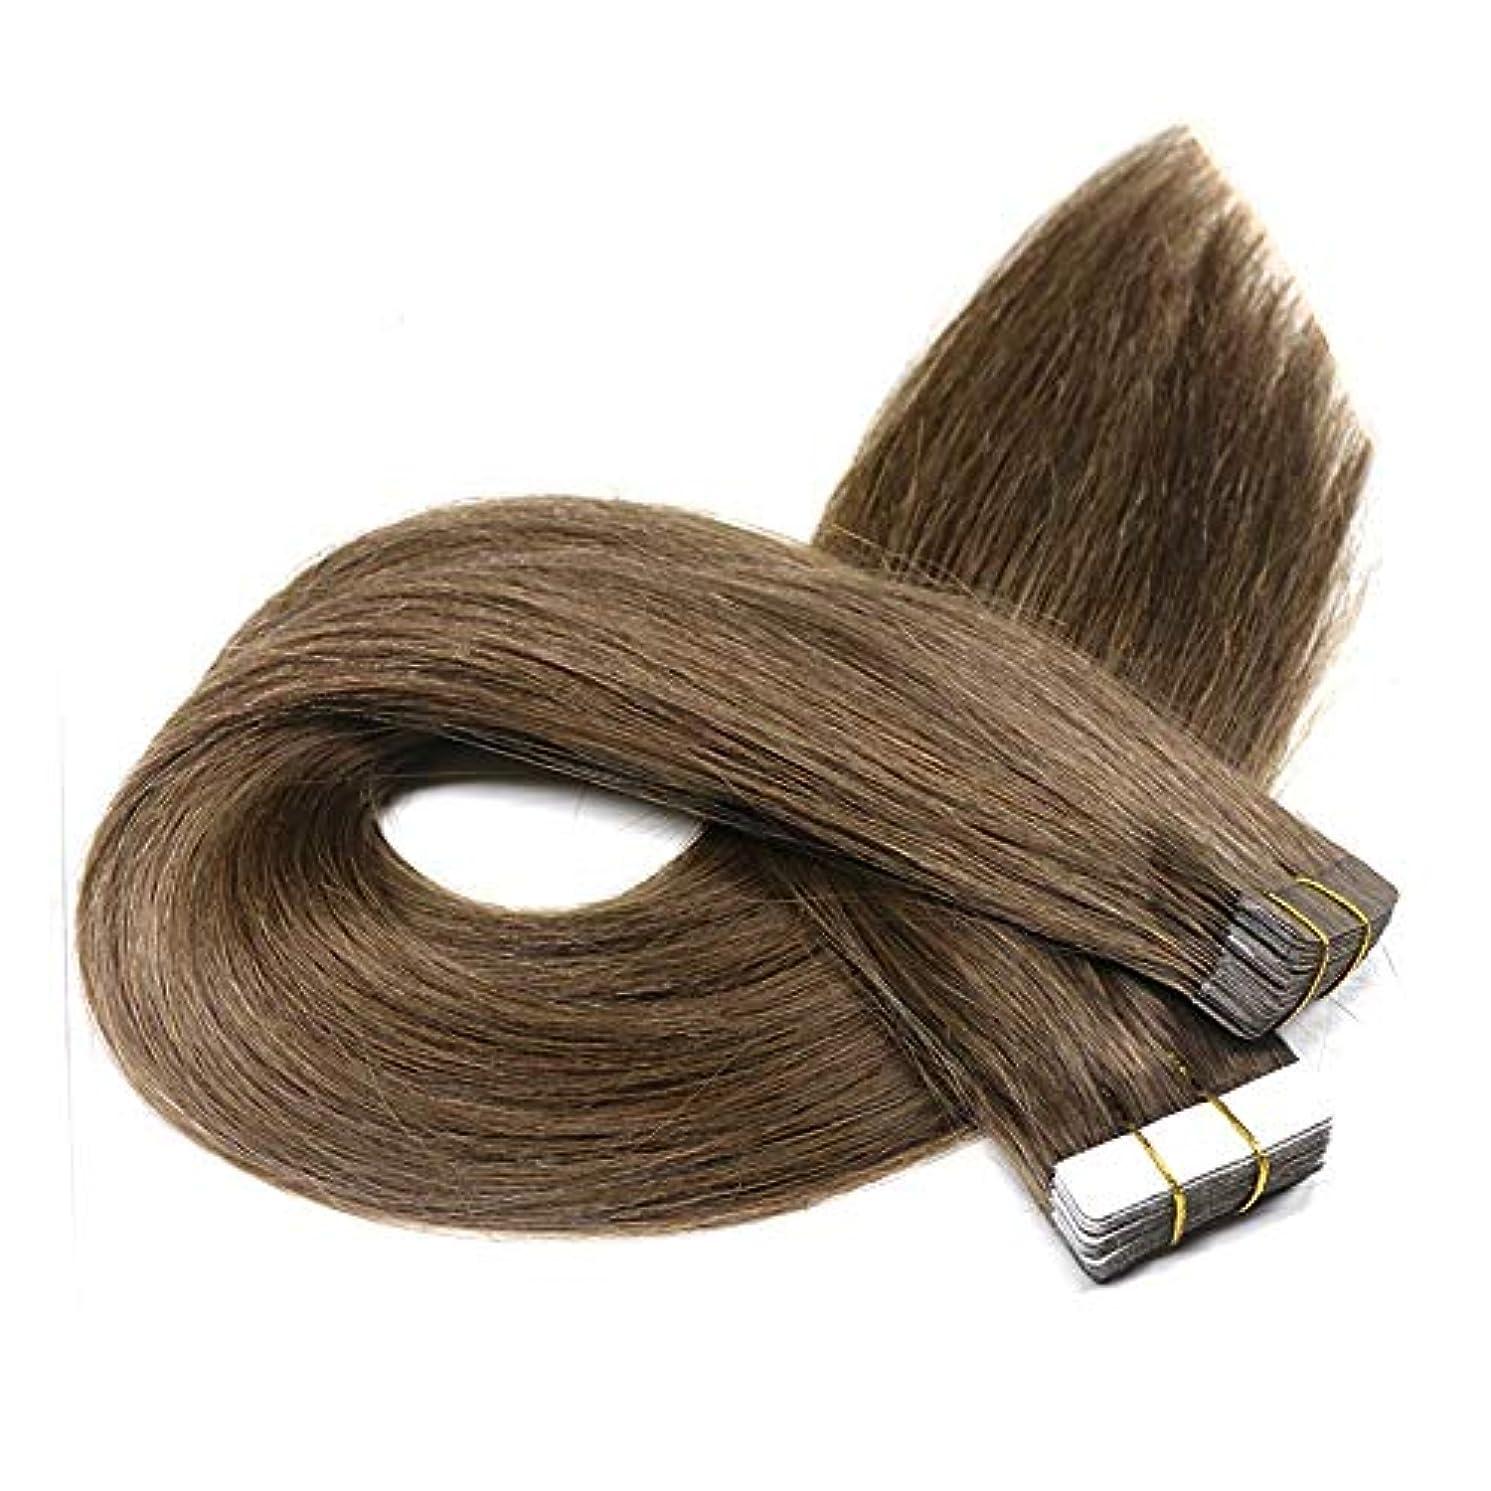 事務所相談アサートWASAIO ヘアエクステンションクリップ人間でシームレスな髪型テープ - 100%未処理のレミーストレート横糸モトリー?ブラウンセンブランス (色 : ブラウン, サイズ : 14 inch)